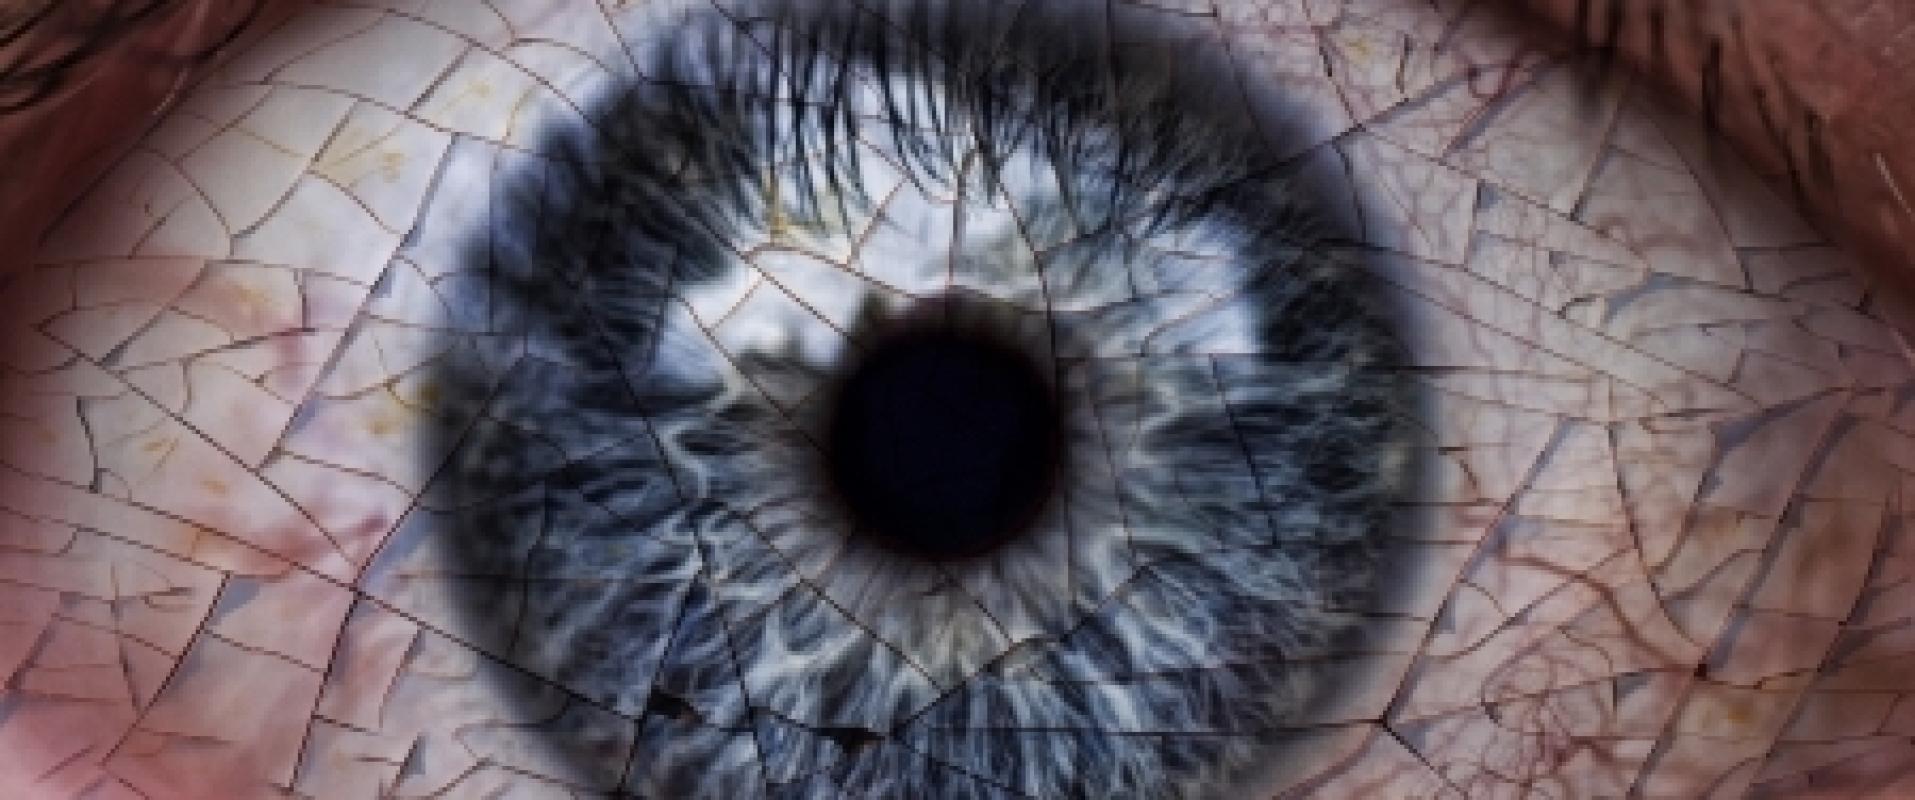 Volgens wetenschappelijk onderzoek is een mondkapje schadelijk voor de ogen